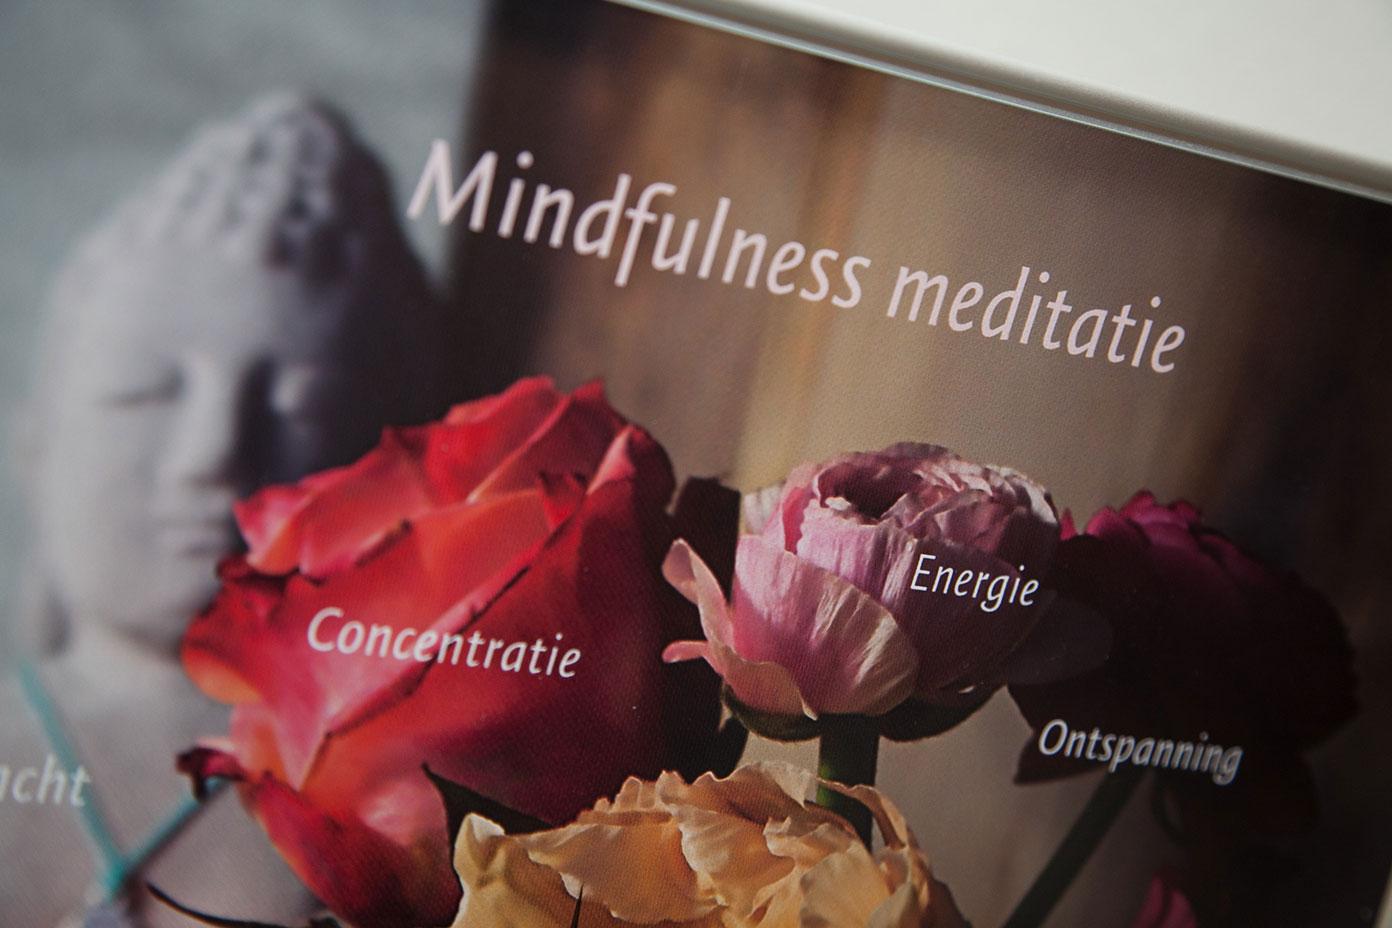 Mindfulness Meditatie om te leren leven in het hier-en nu.